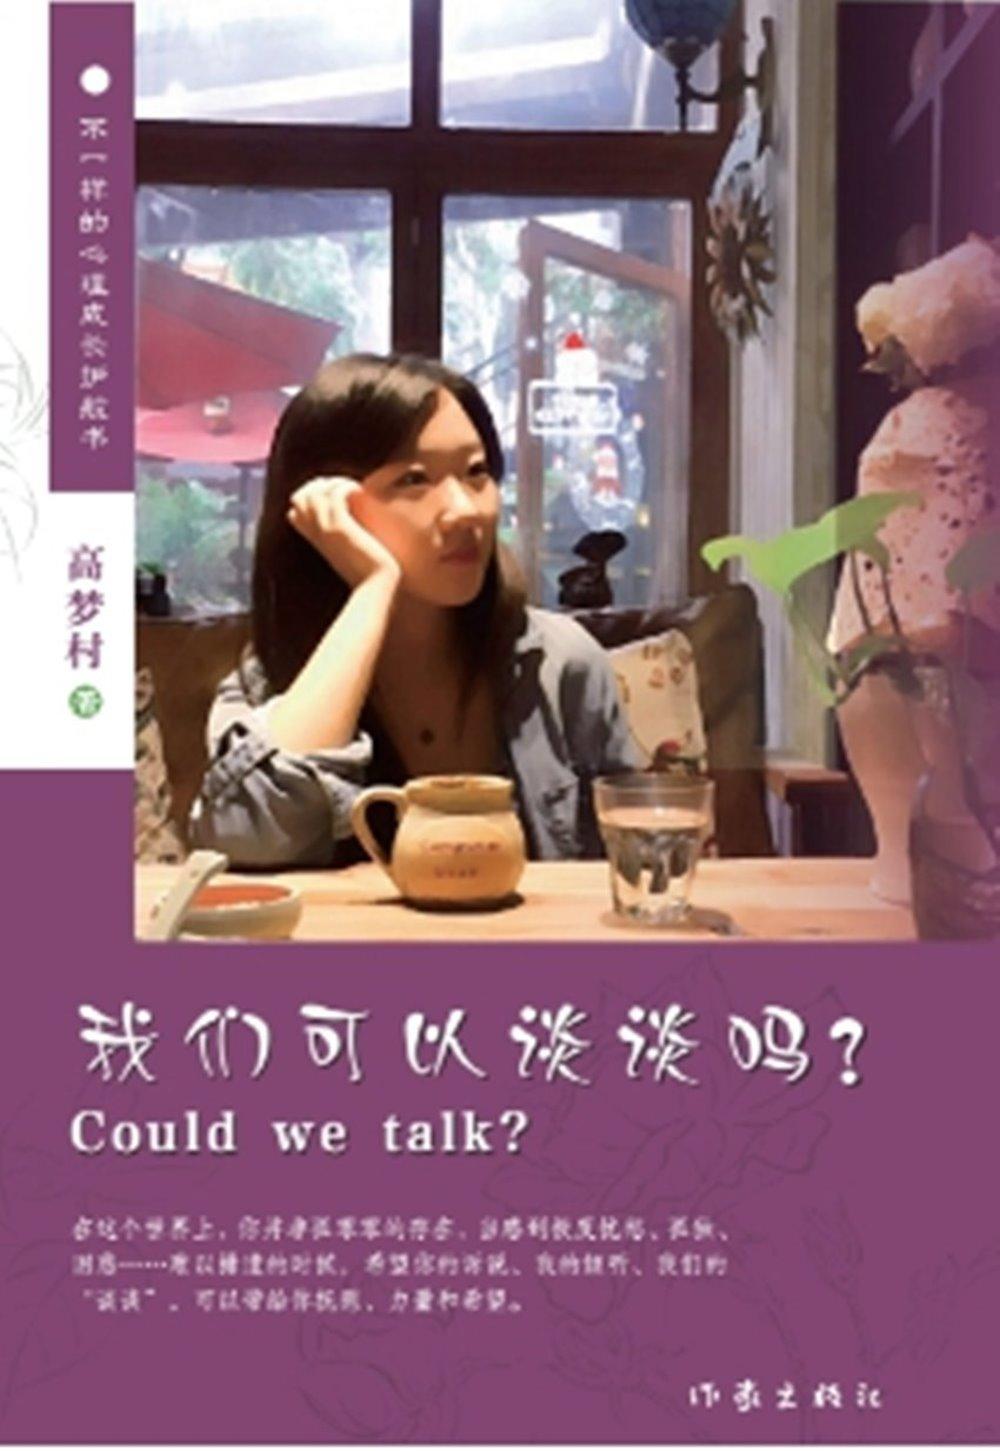 我們可以談談嗎?